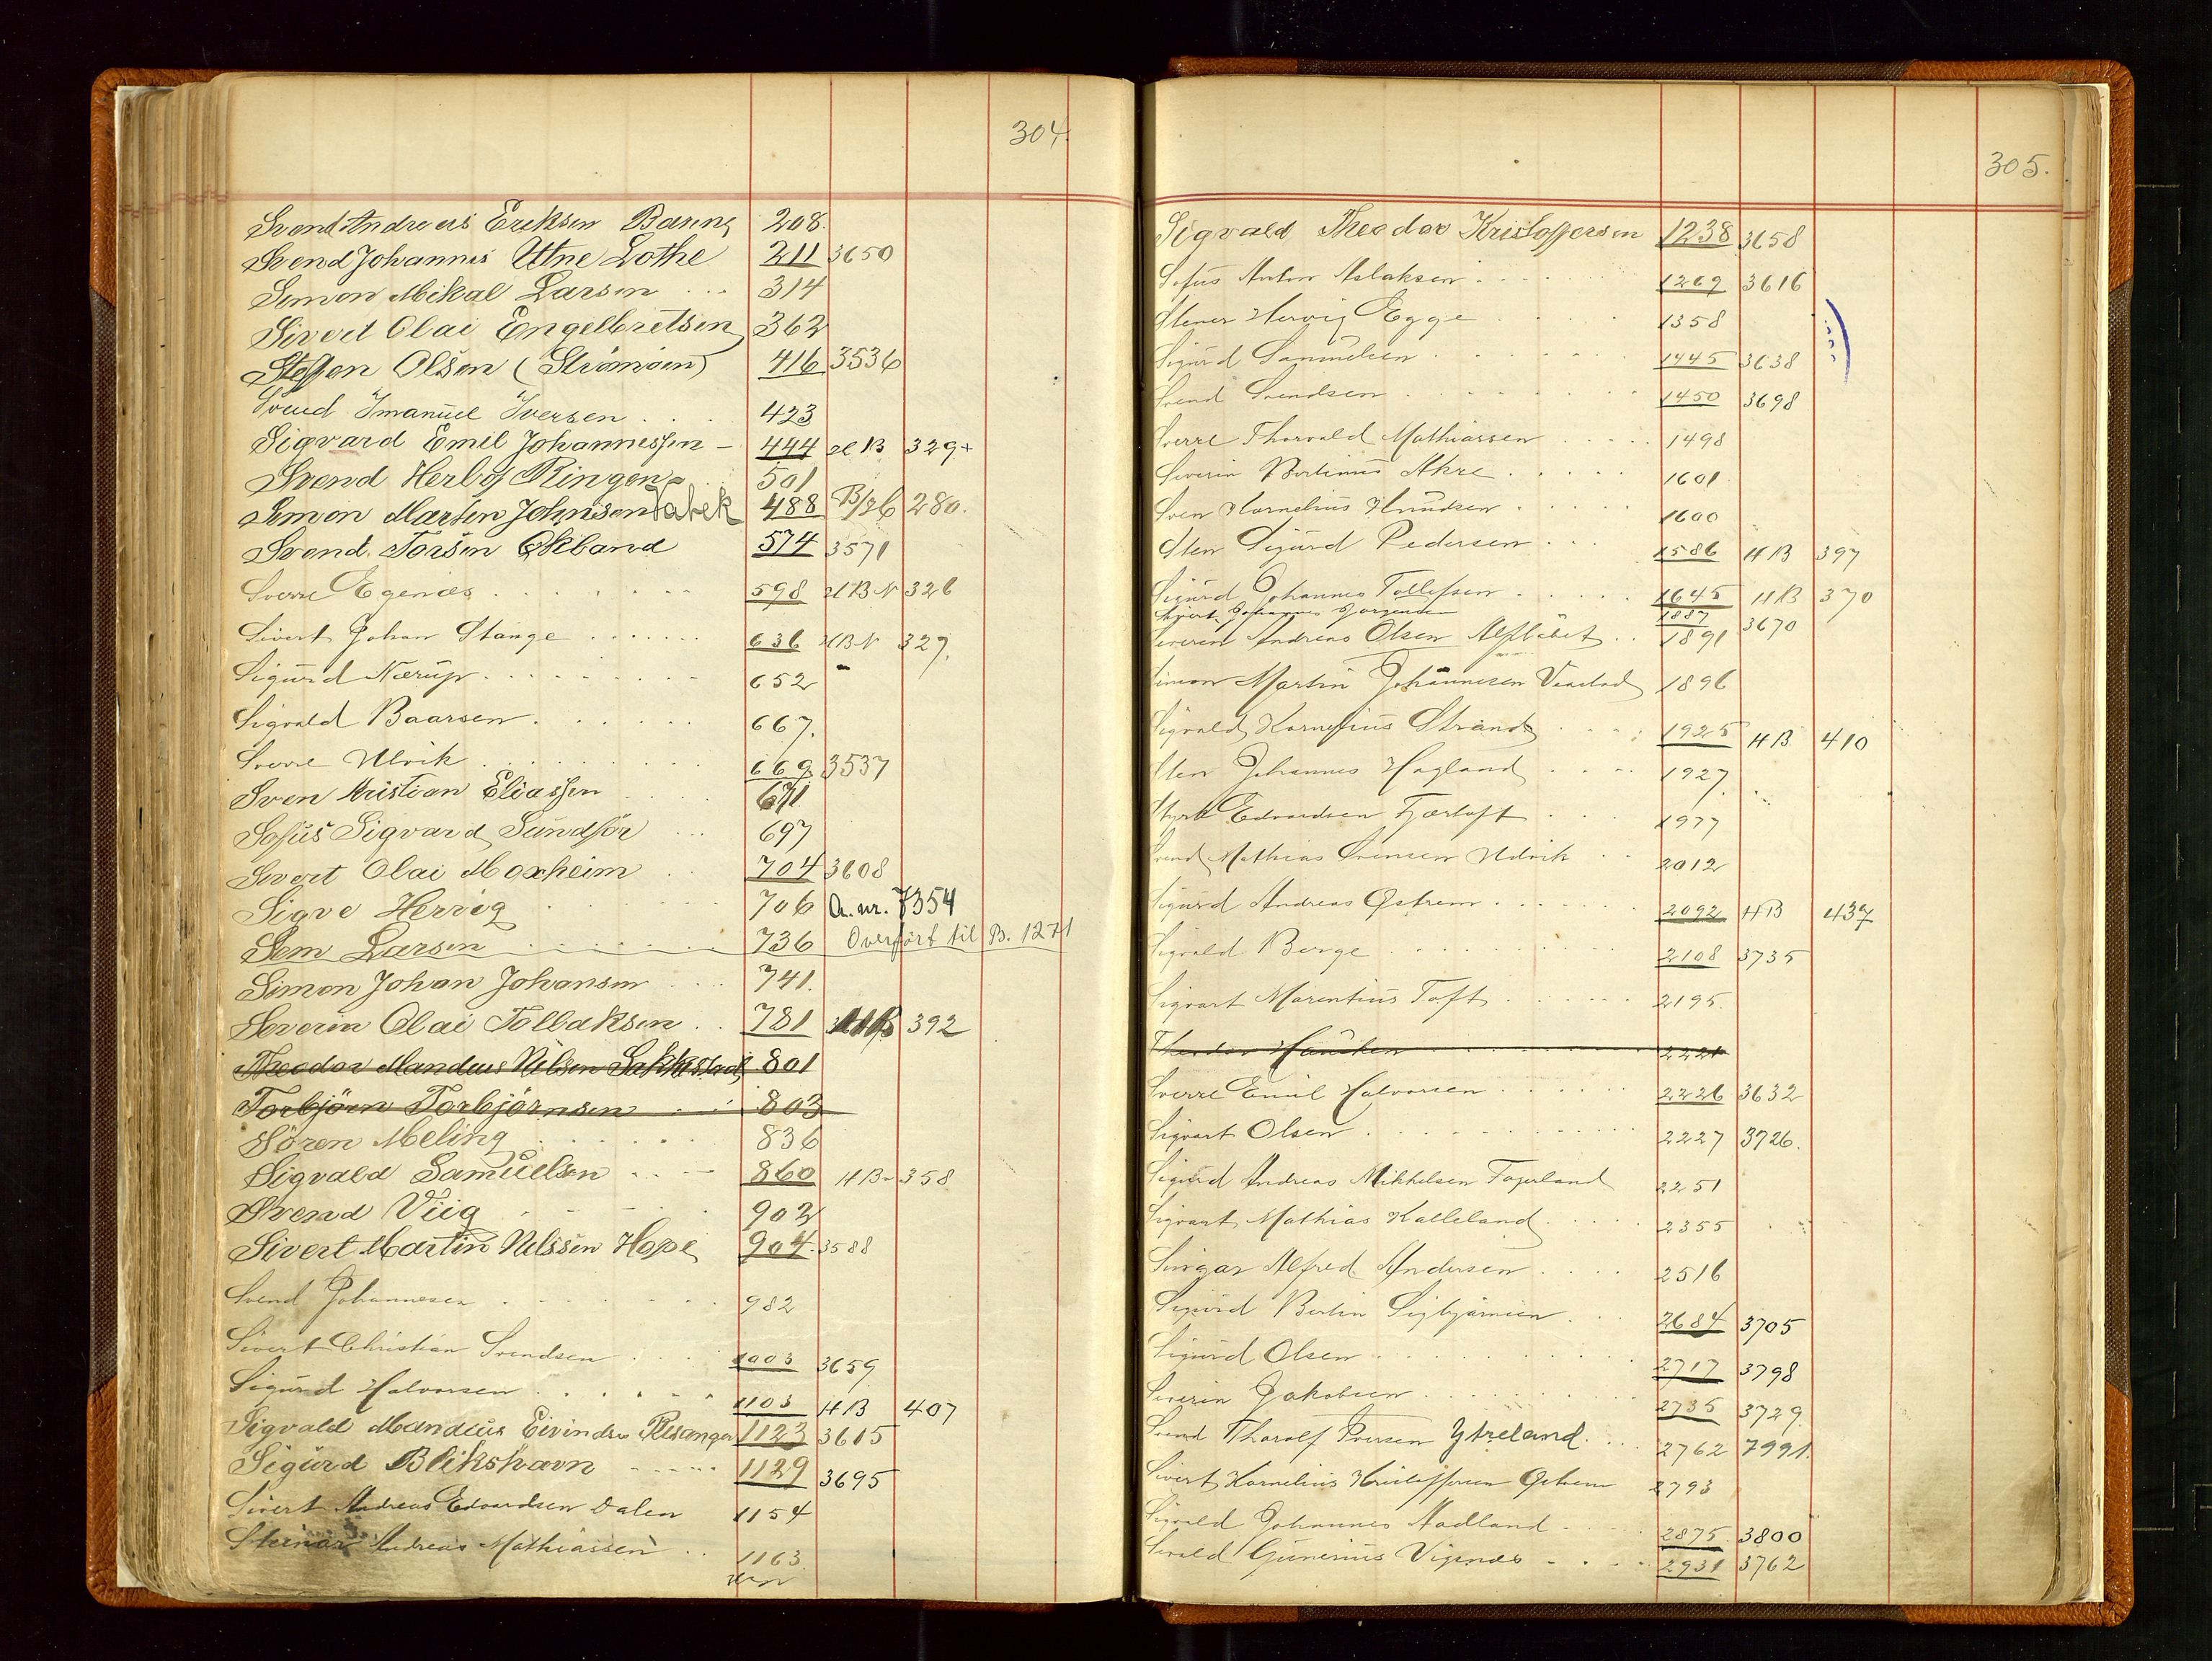 SAST, Haugesund sjømannskontor, F/Fb/Fba/L0002: Navneregister med henvisning til rullenummer (fornavn) Skudenes krets, 1860-1948, s. 304-305